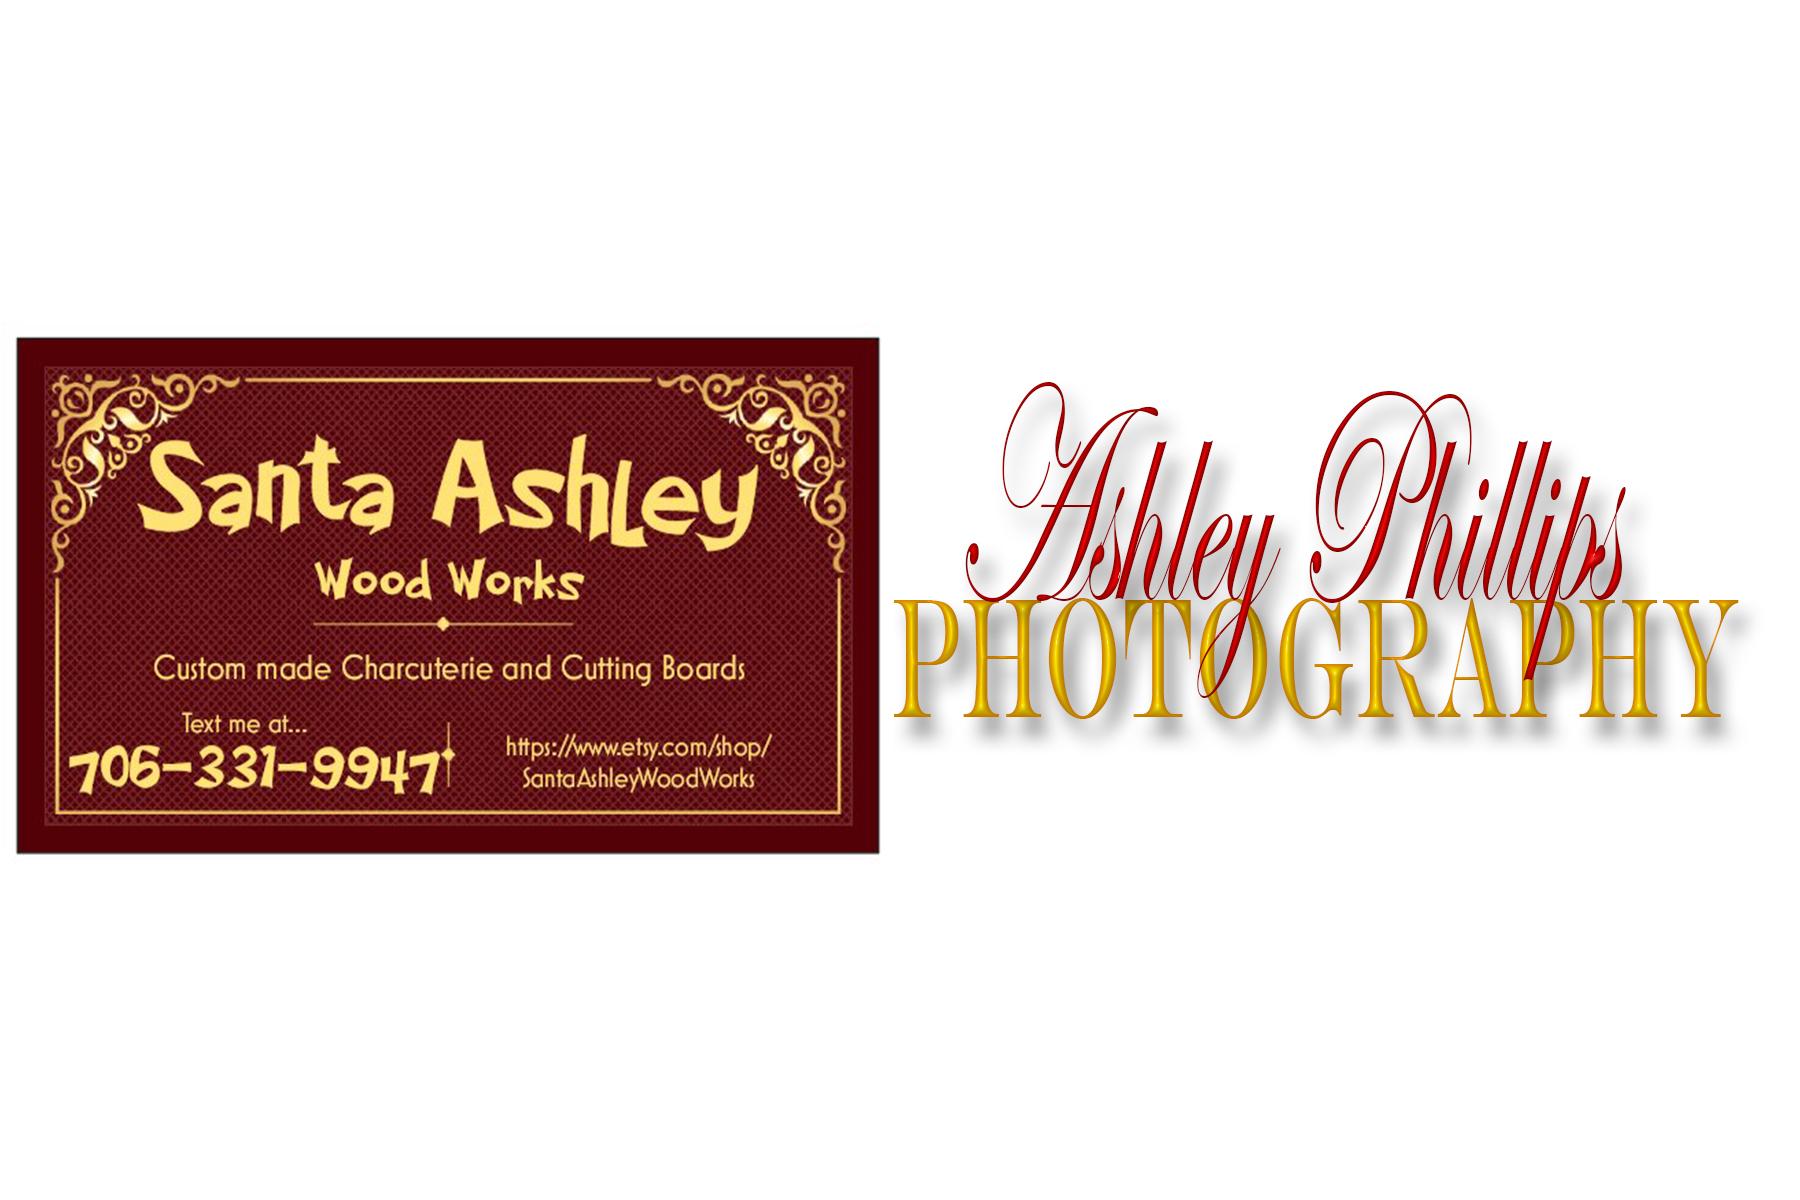 Ashley Phillips Photography